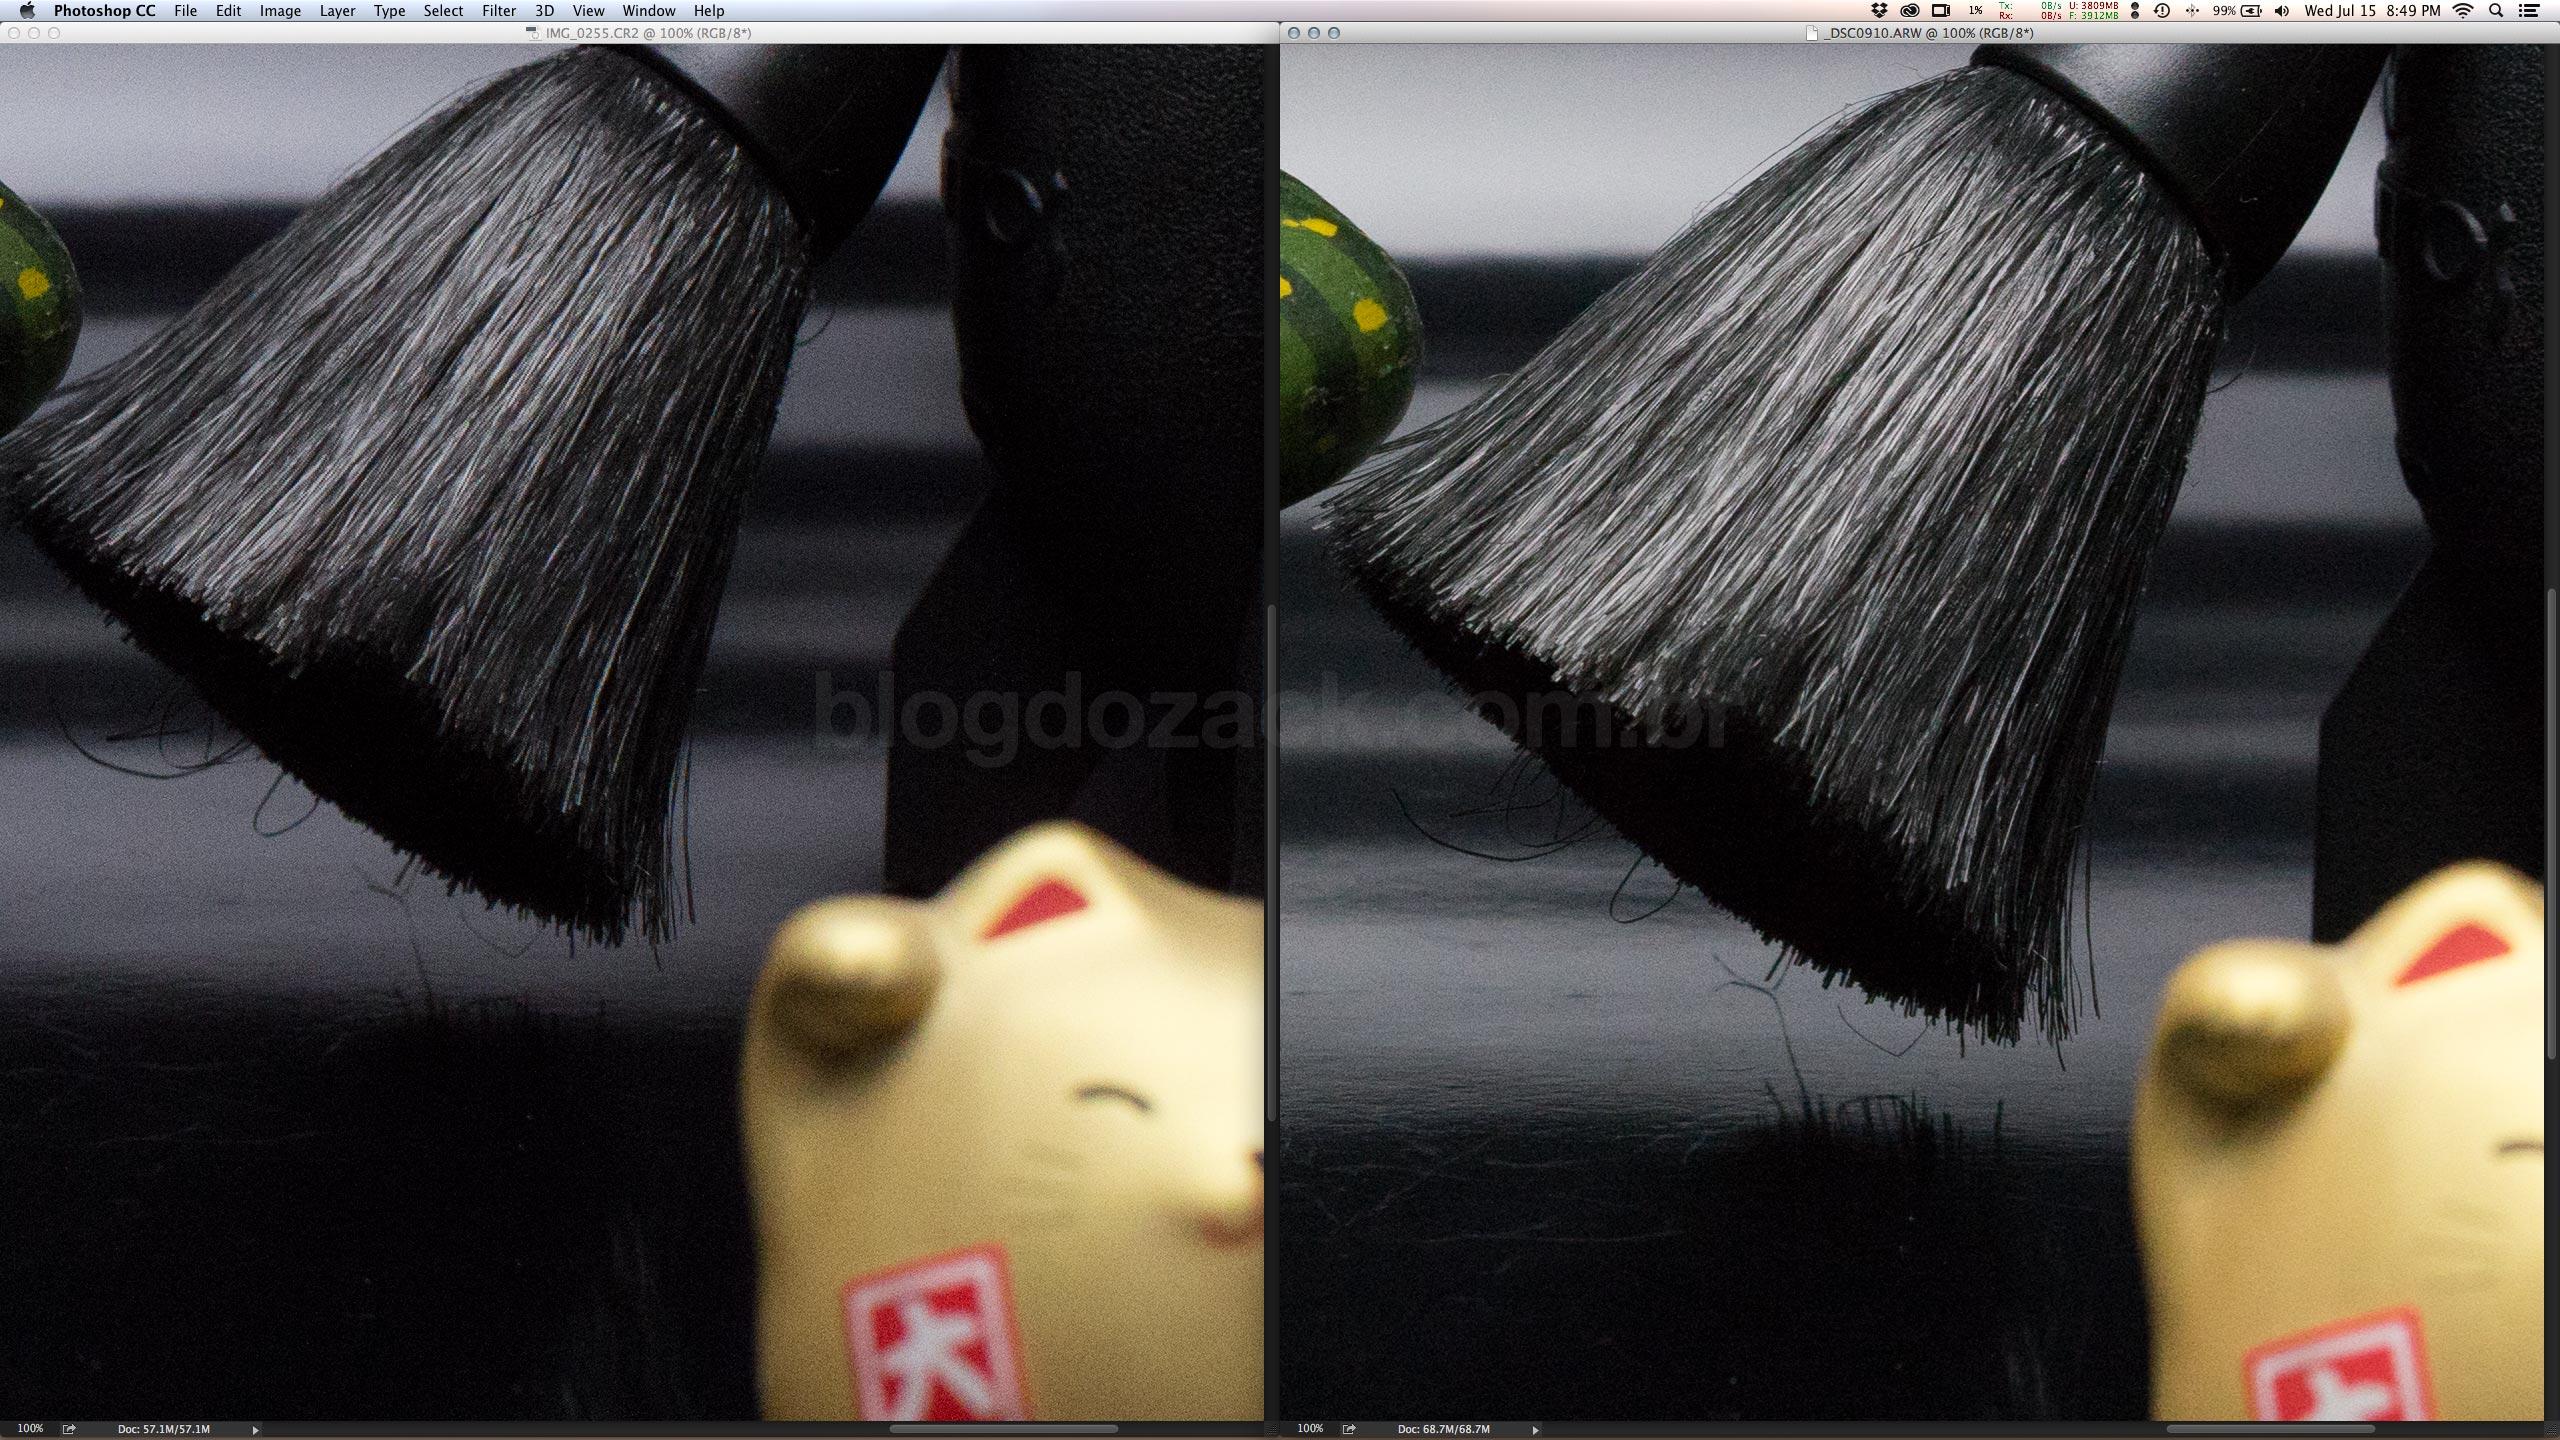 Esquerda: EOS 6D ISO6400 1/500. Direita: A7II ISO800 1/500 +3EV via ACR. Magicamente via software a A7II ficou com a mesma equivalência de exposição e menos ruídos!